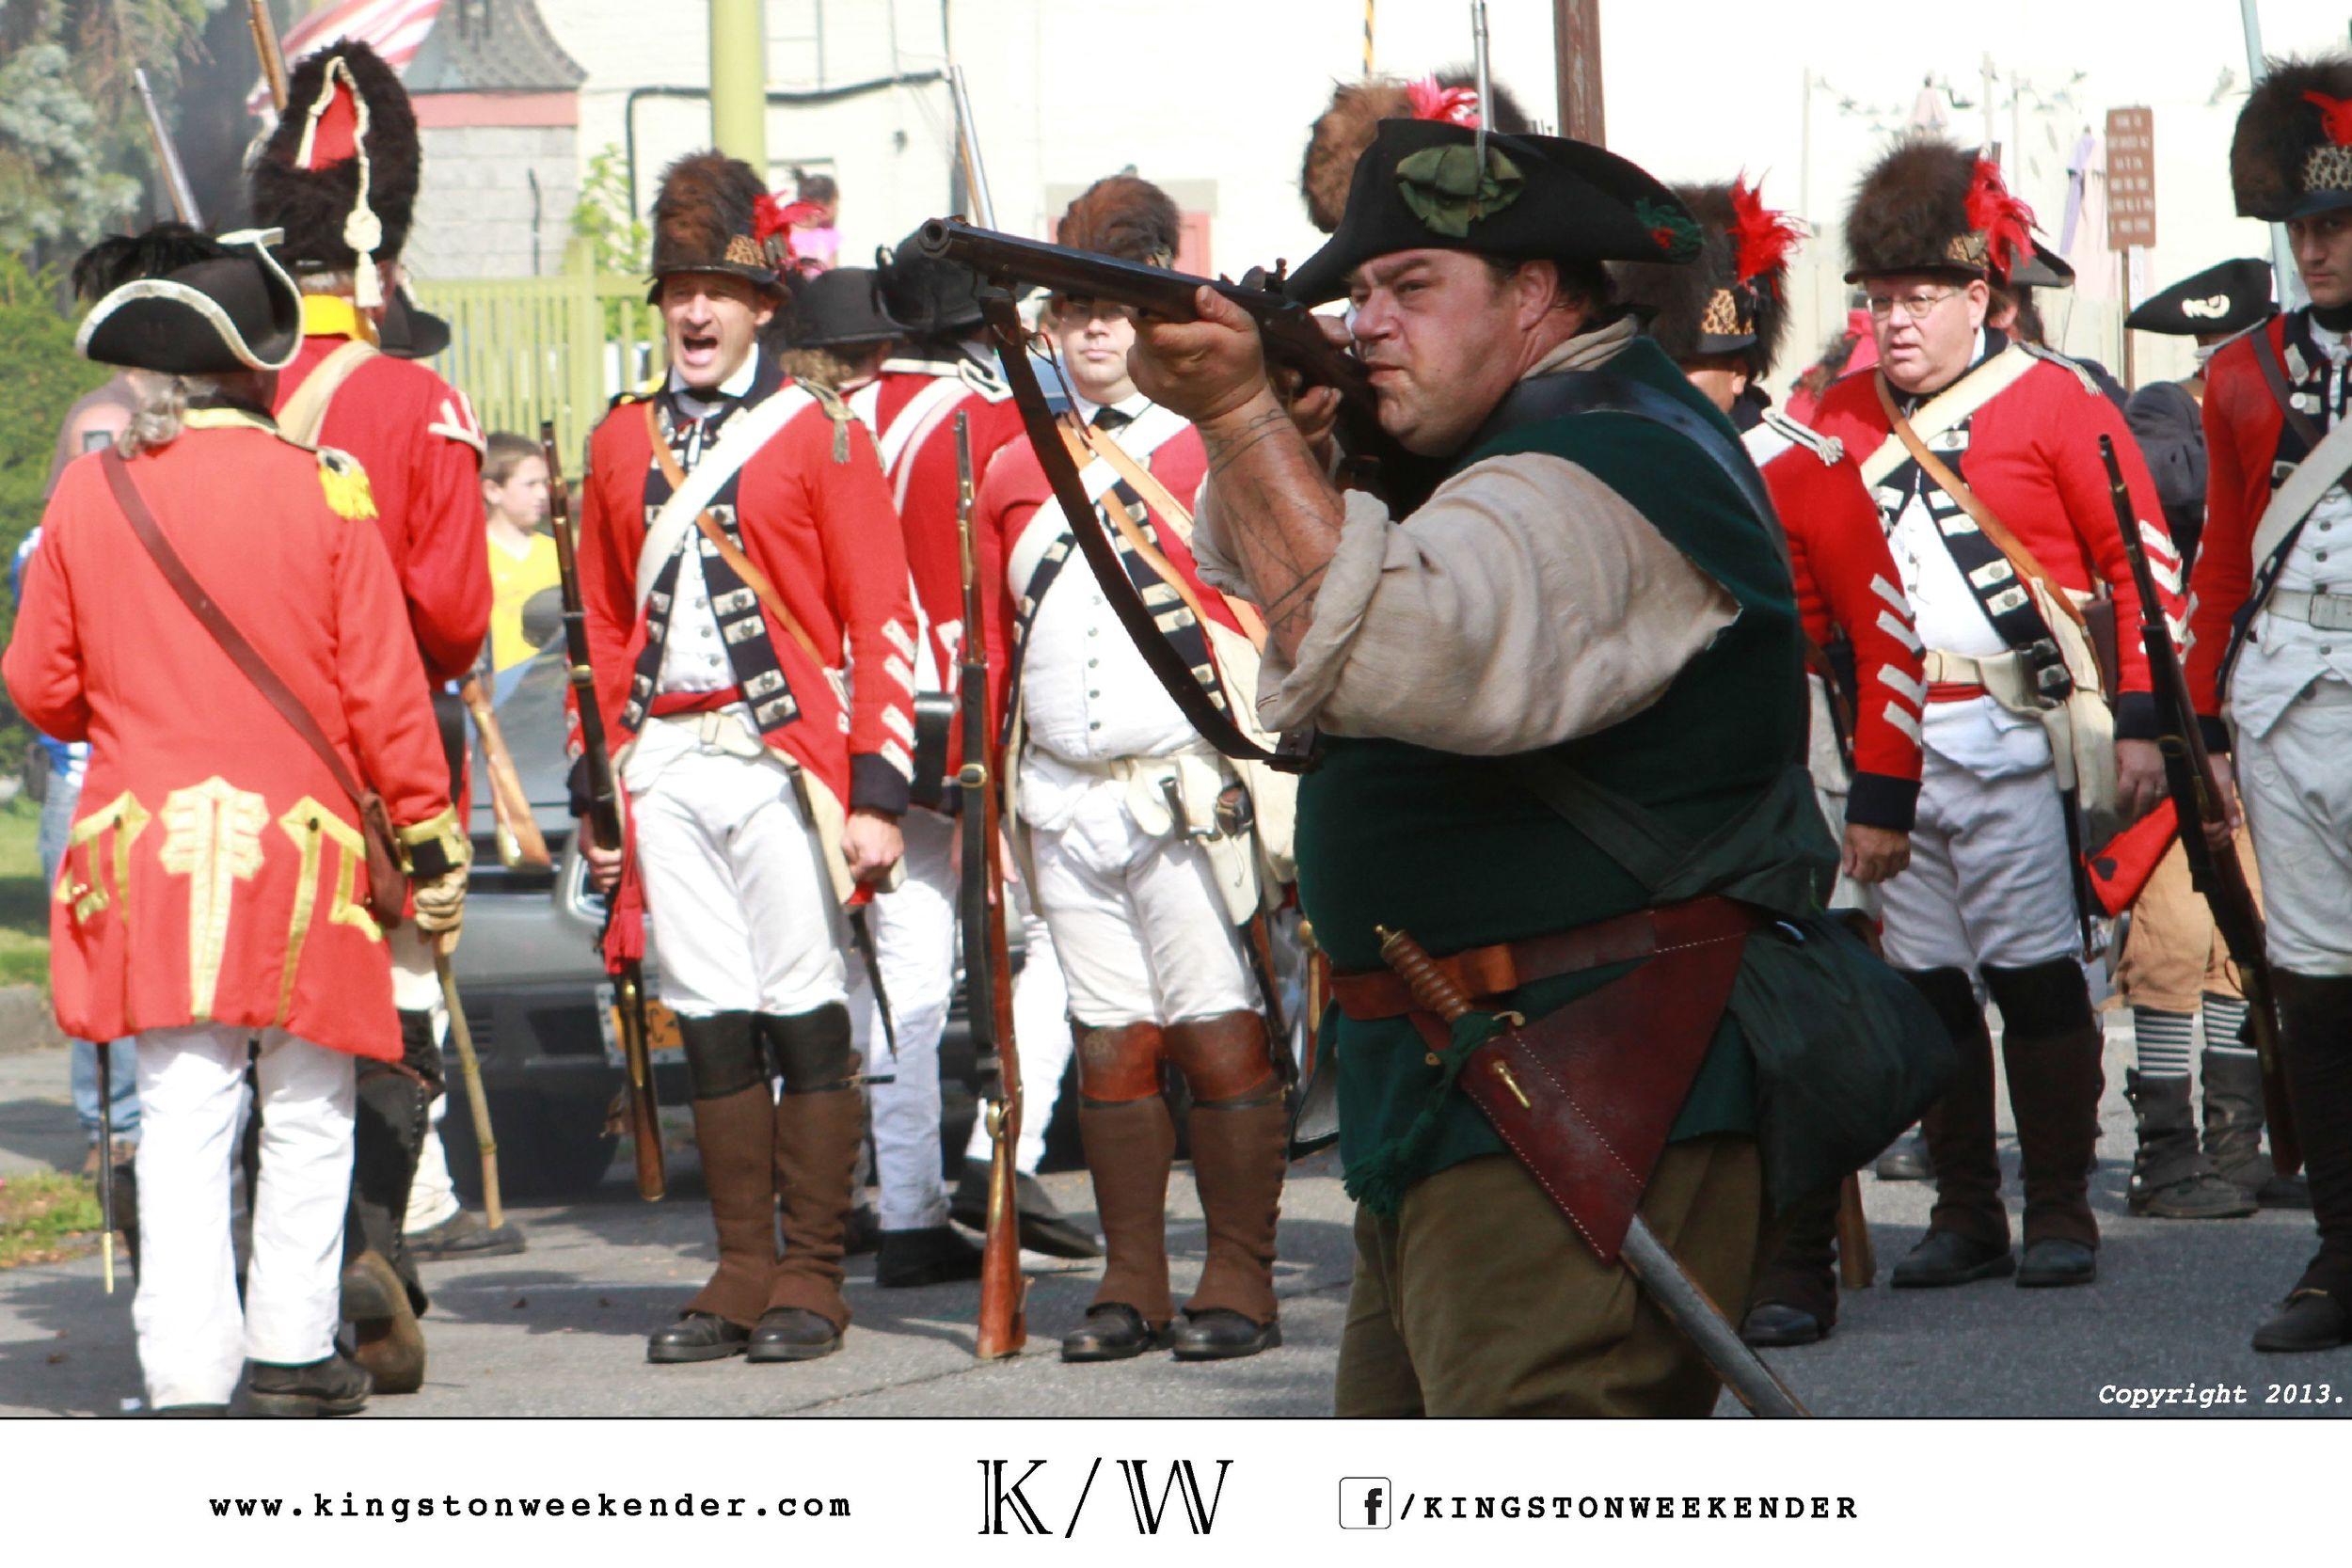 kingston-weekender-photo-credits10.jpg